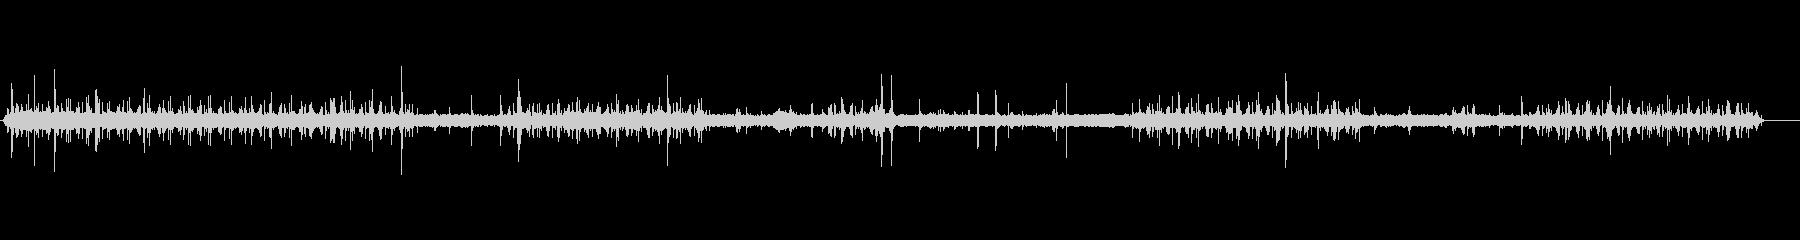 蓄音機プレスフロア1の未再生の波形